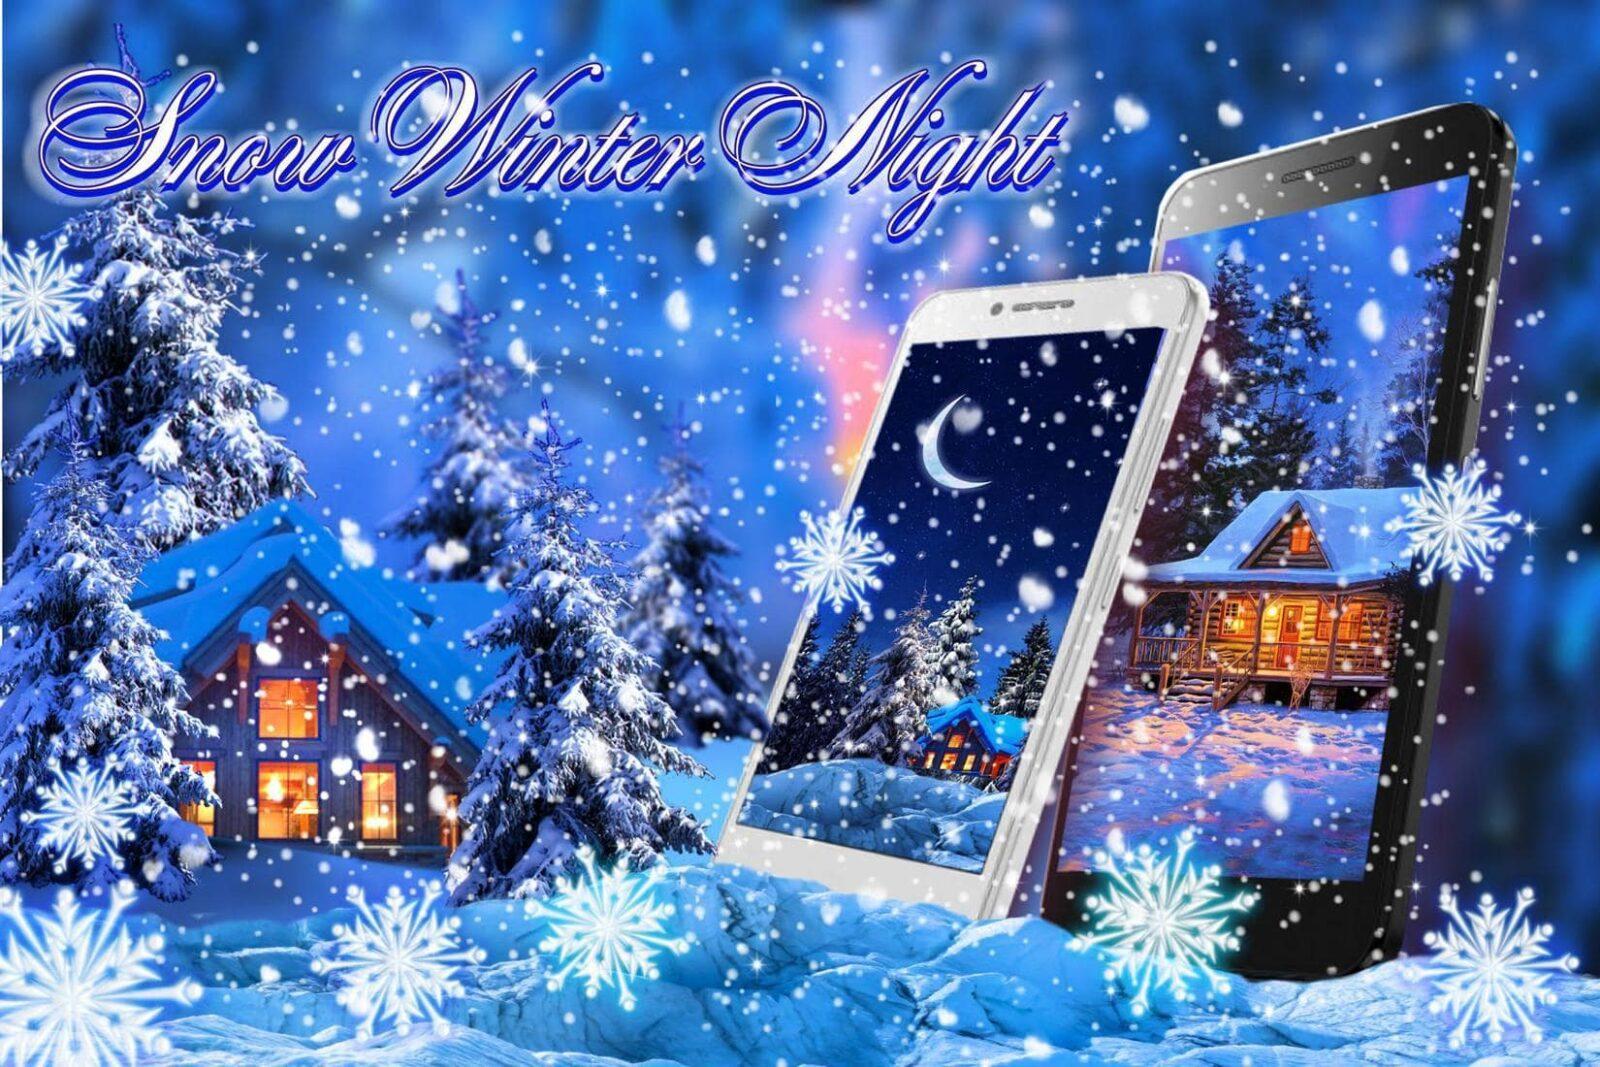 Зима, Снежная Ночь скриншот 1